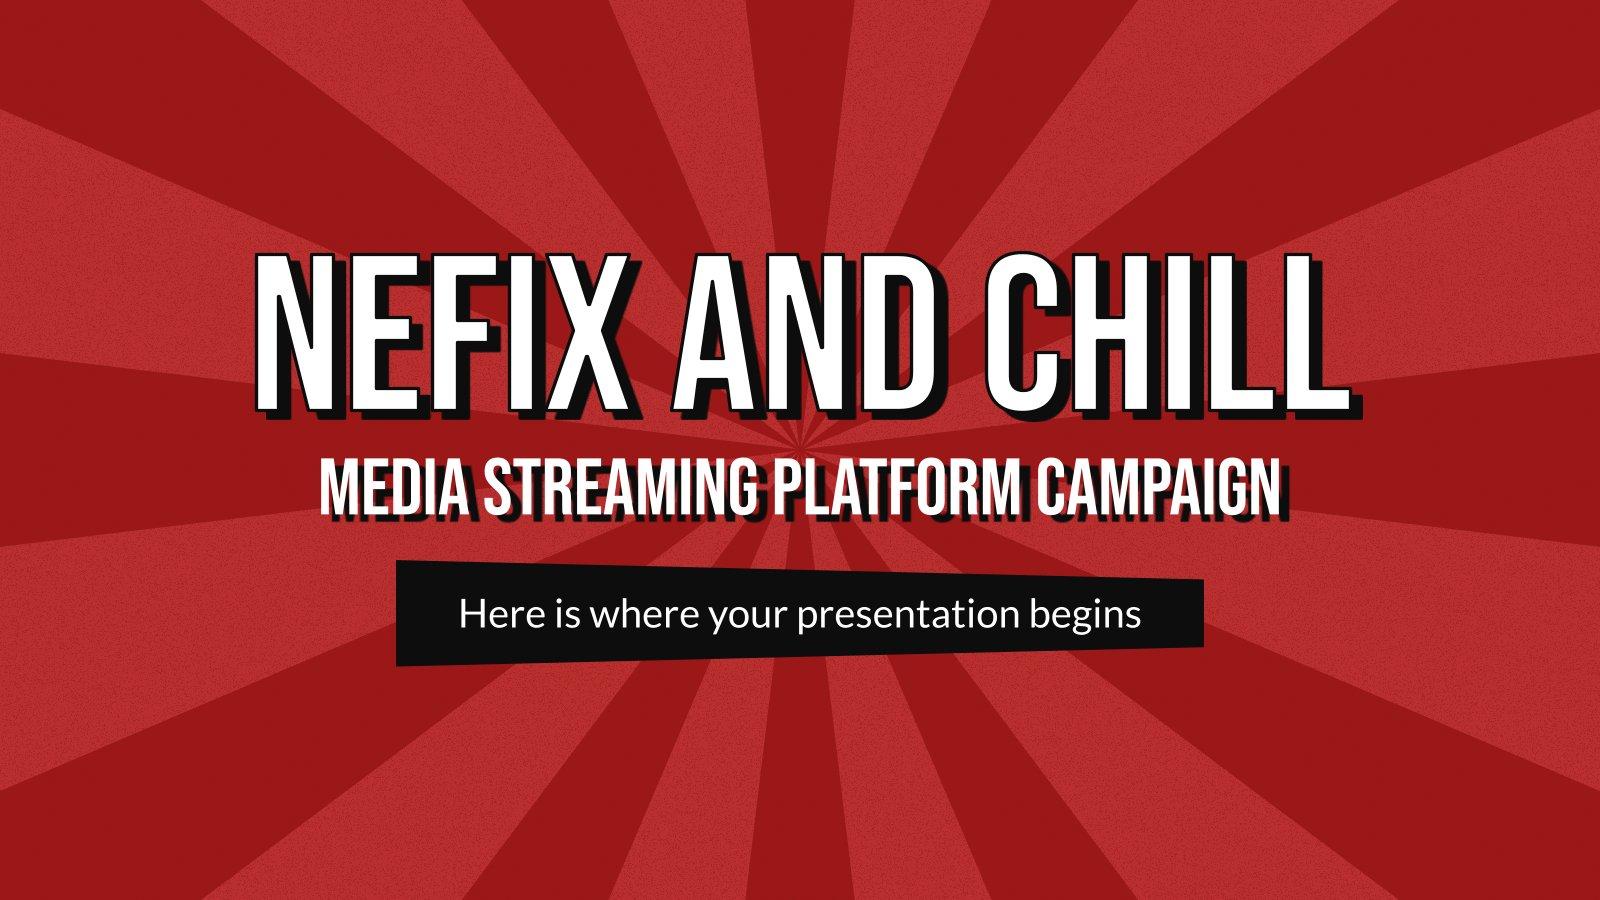 Plantilla de presentación Nefix y Chill Series - Campaña para plataforma de streaming de contenido